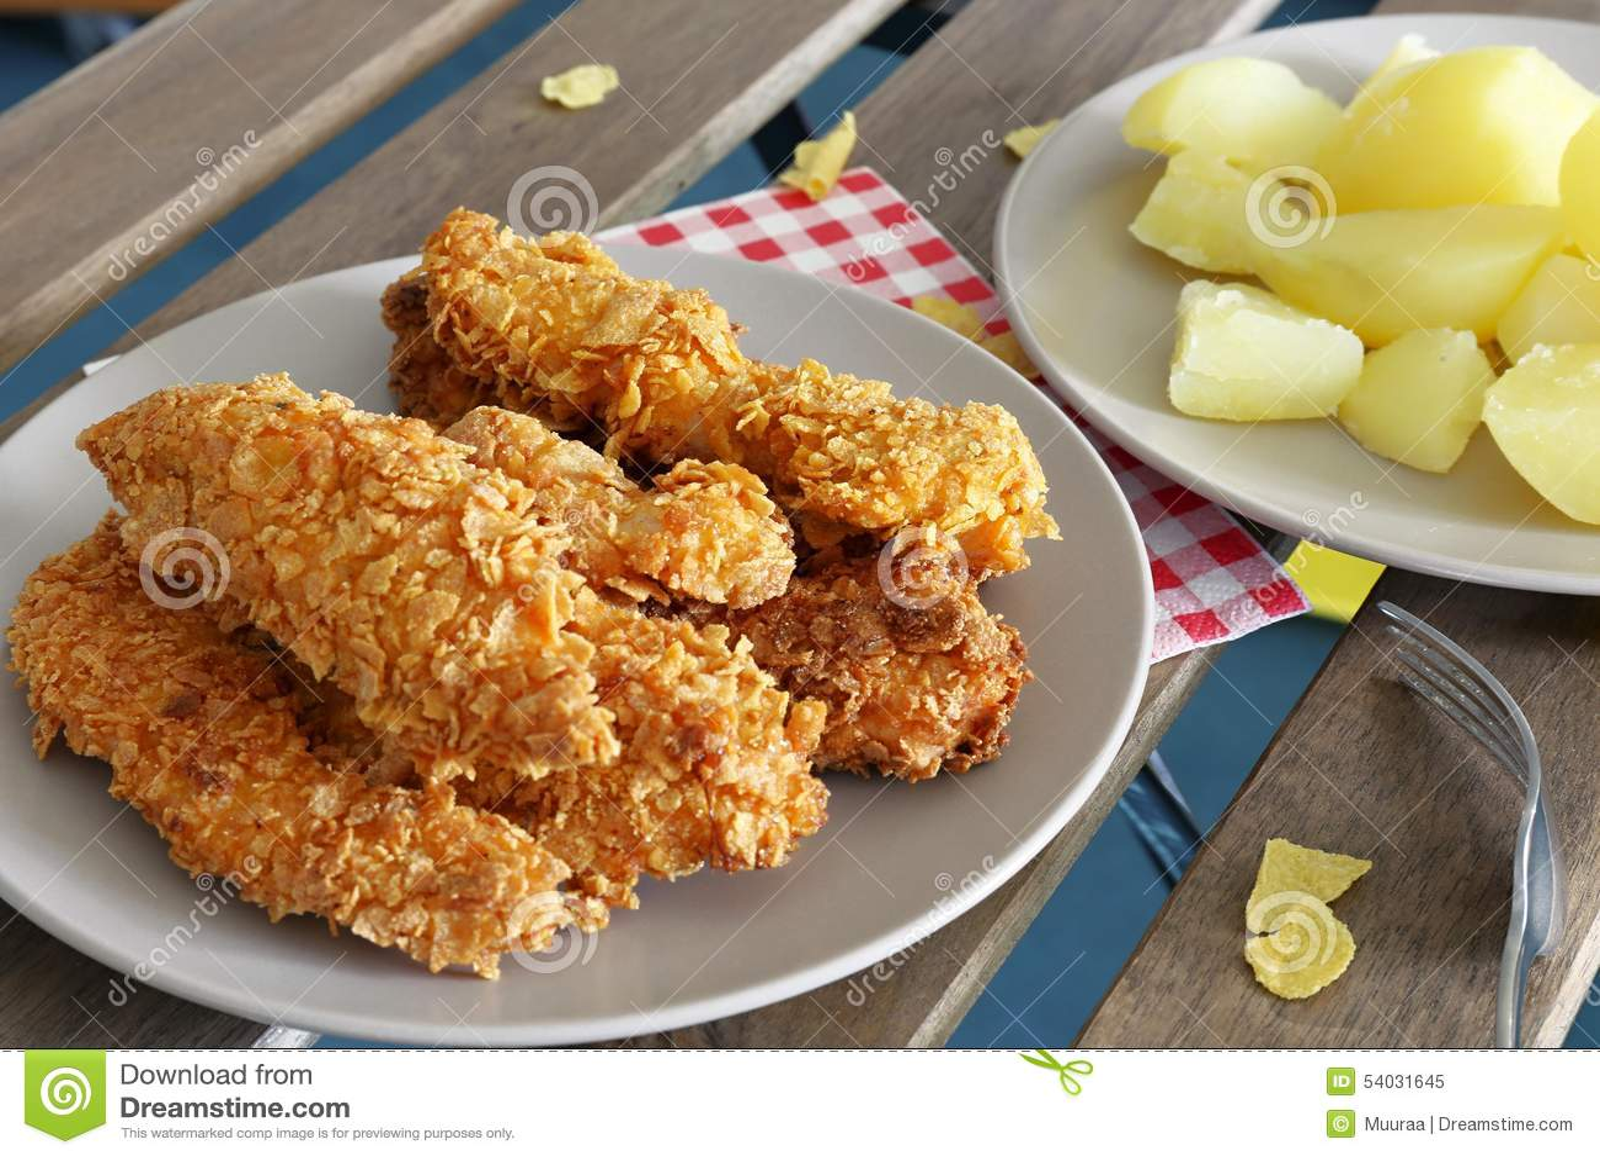 Tiras de pollo frito hecho en casa